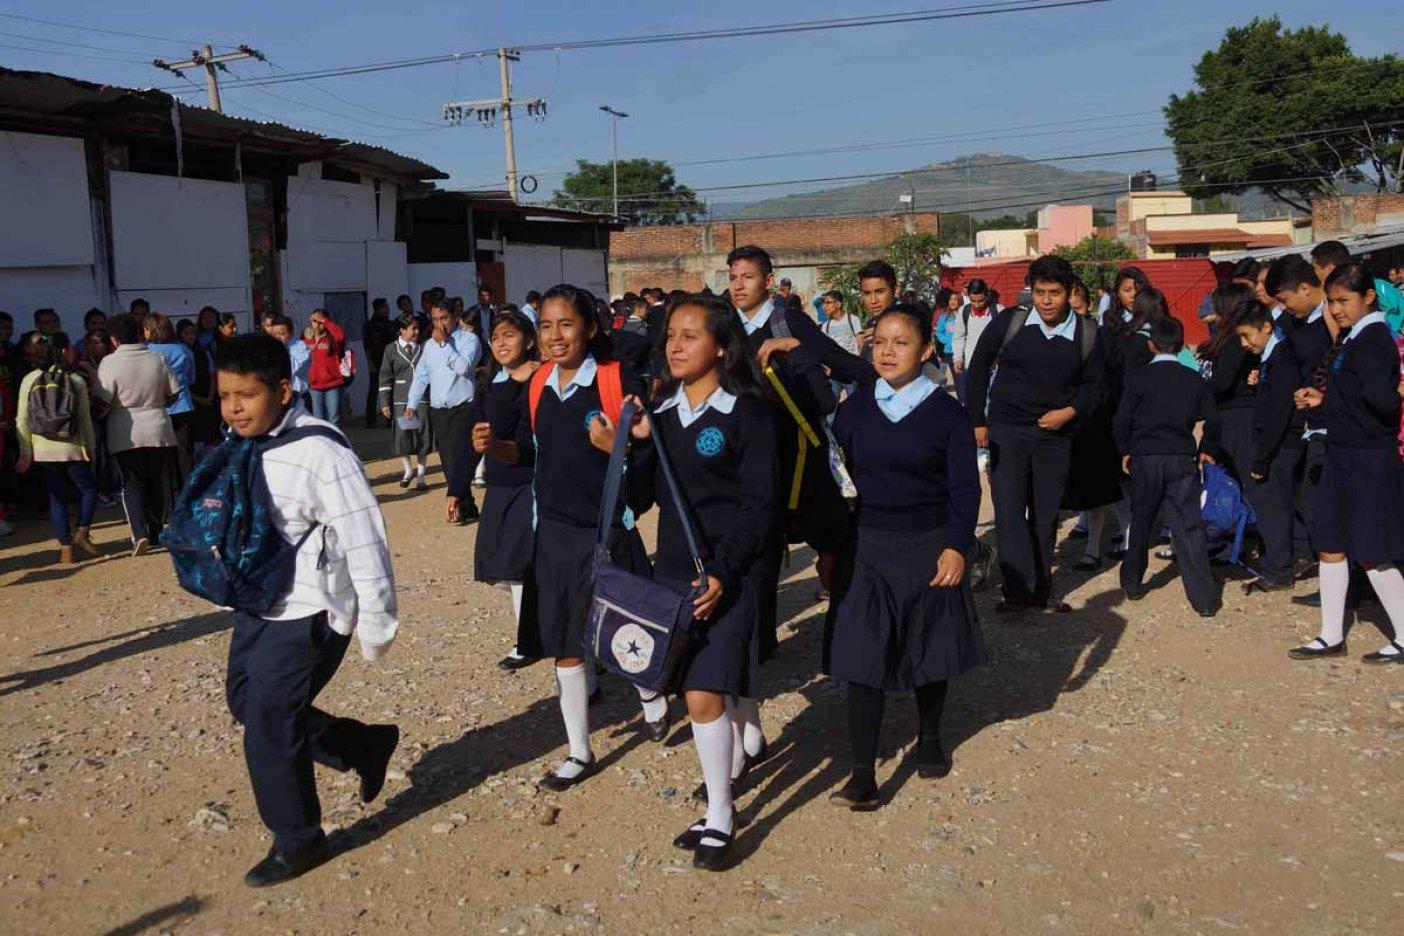 Turismo aumentó 50 por ciento en cinco años, destaca Peña Nieto